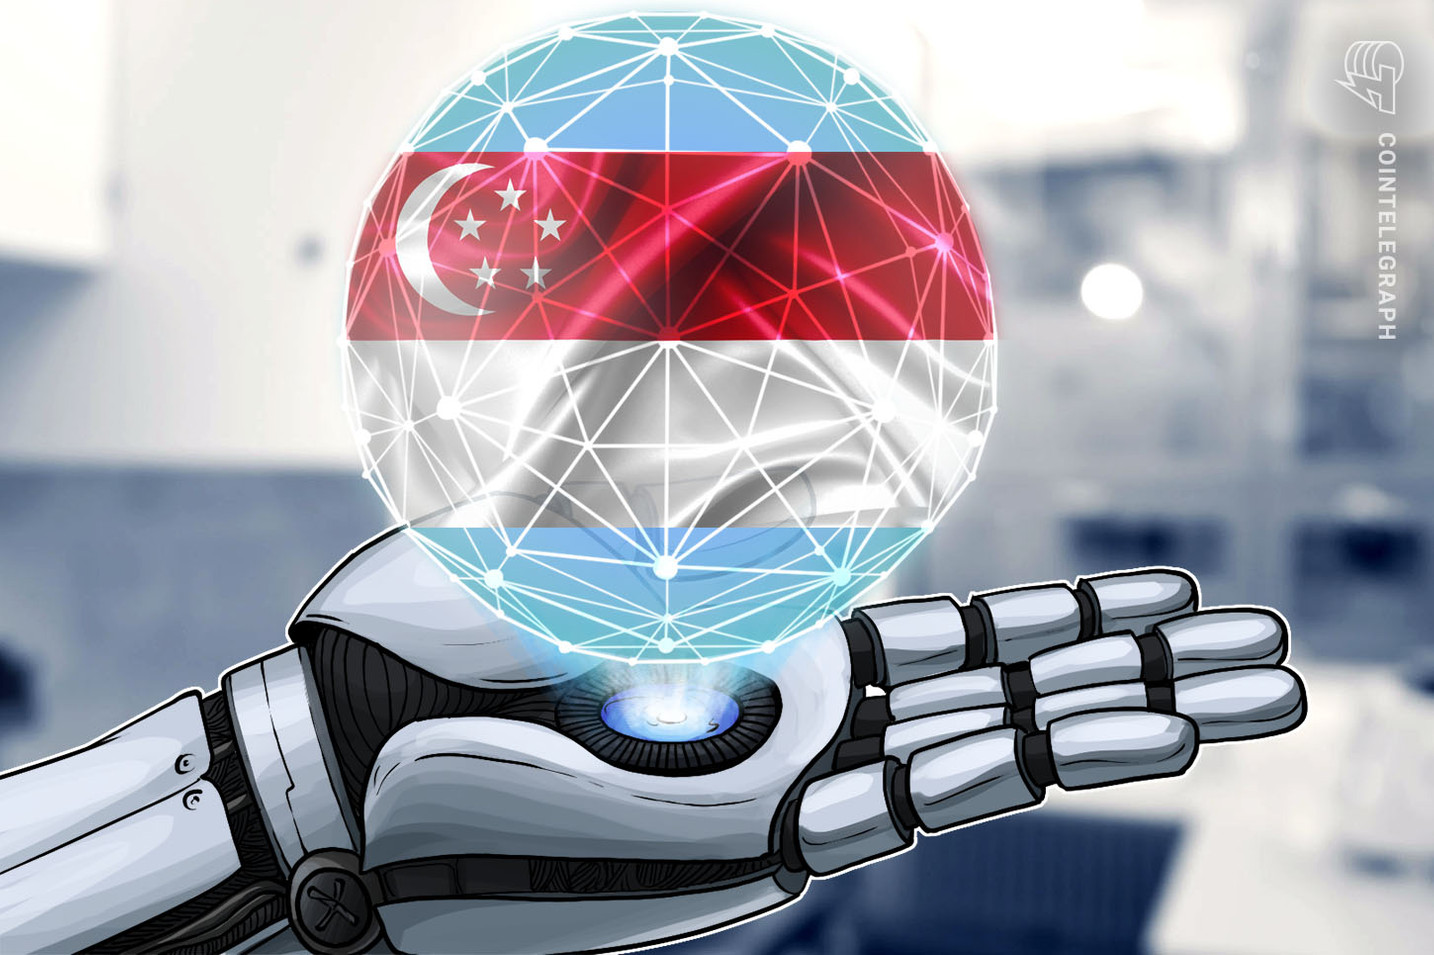 Singapurs Investment-Firma unterstützt R3 als Teil ihrer Blockchain- und KI-Strategie